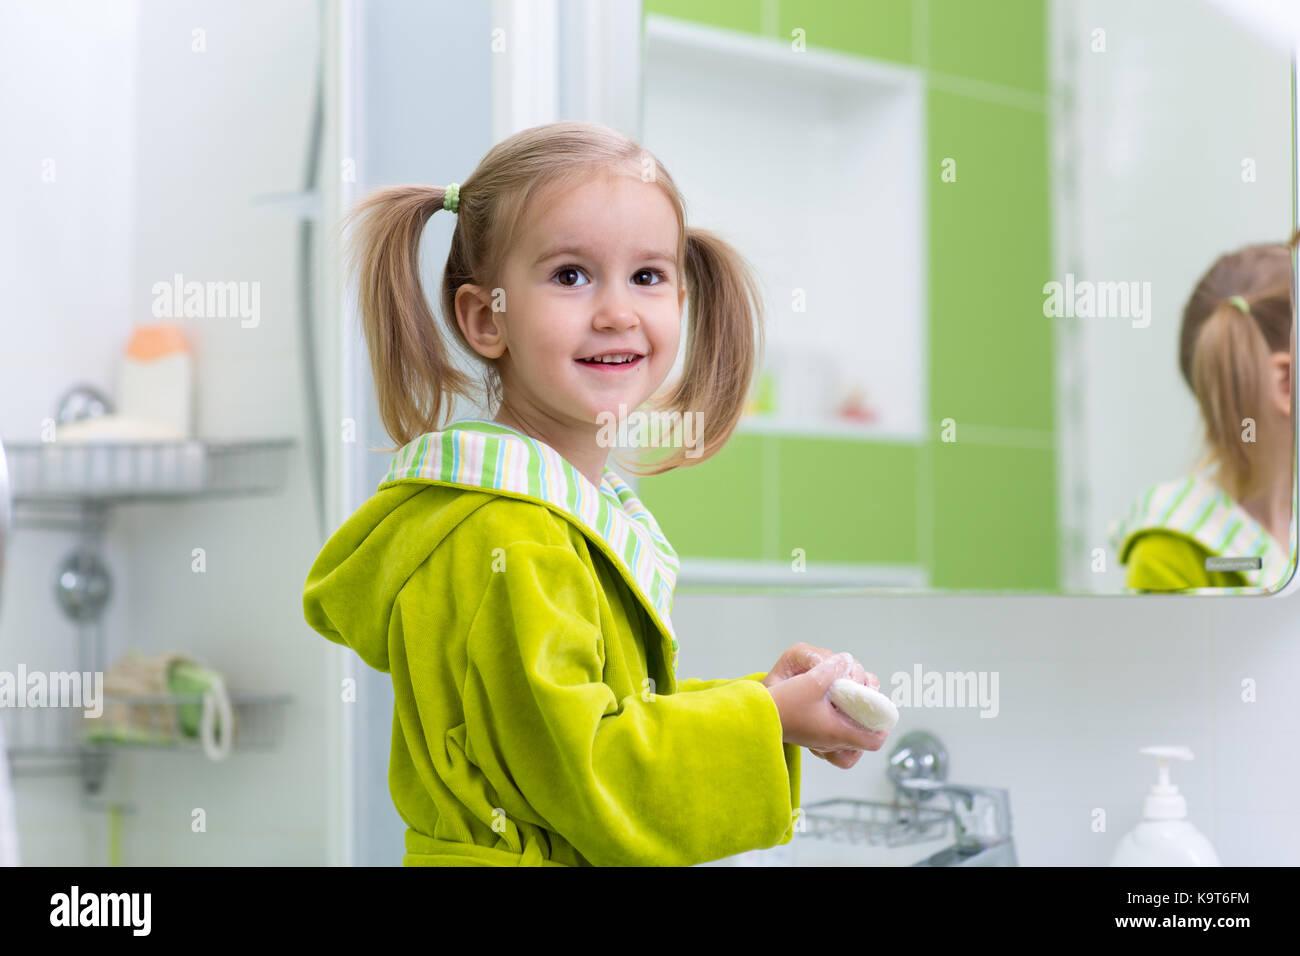 Niedliche Kind kleines Mädchen mit Pferdeschwanz in grün Bademantel ihre Hände waschen im Bad Stockbild